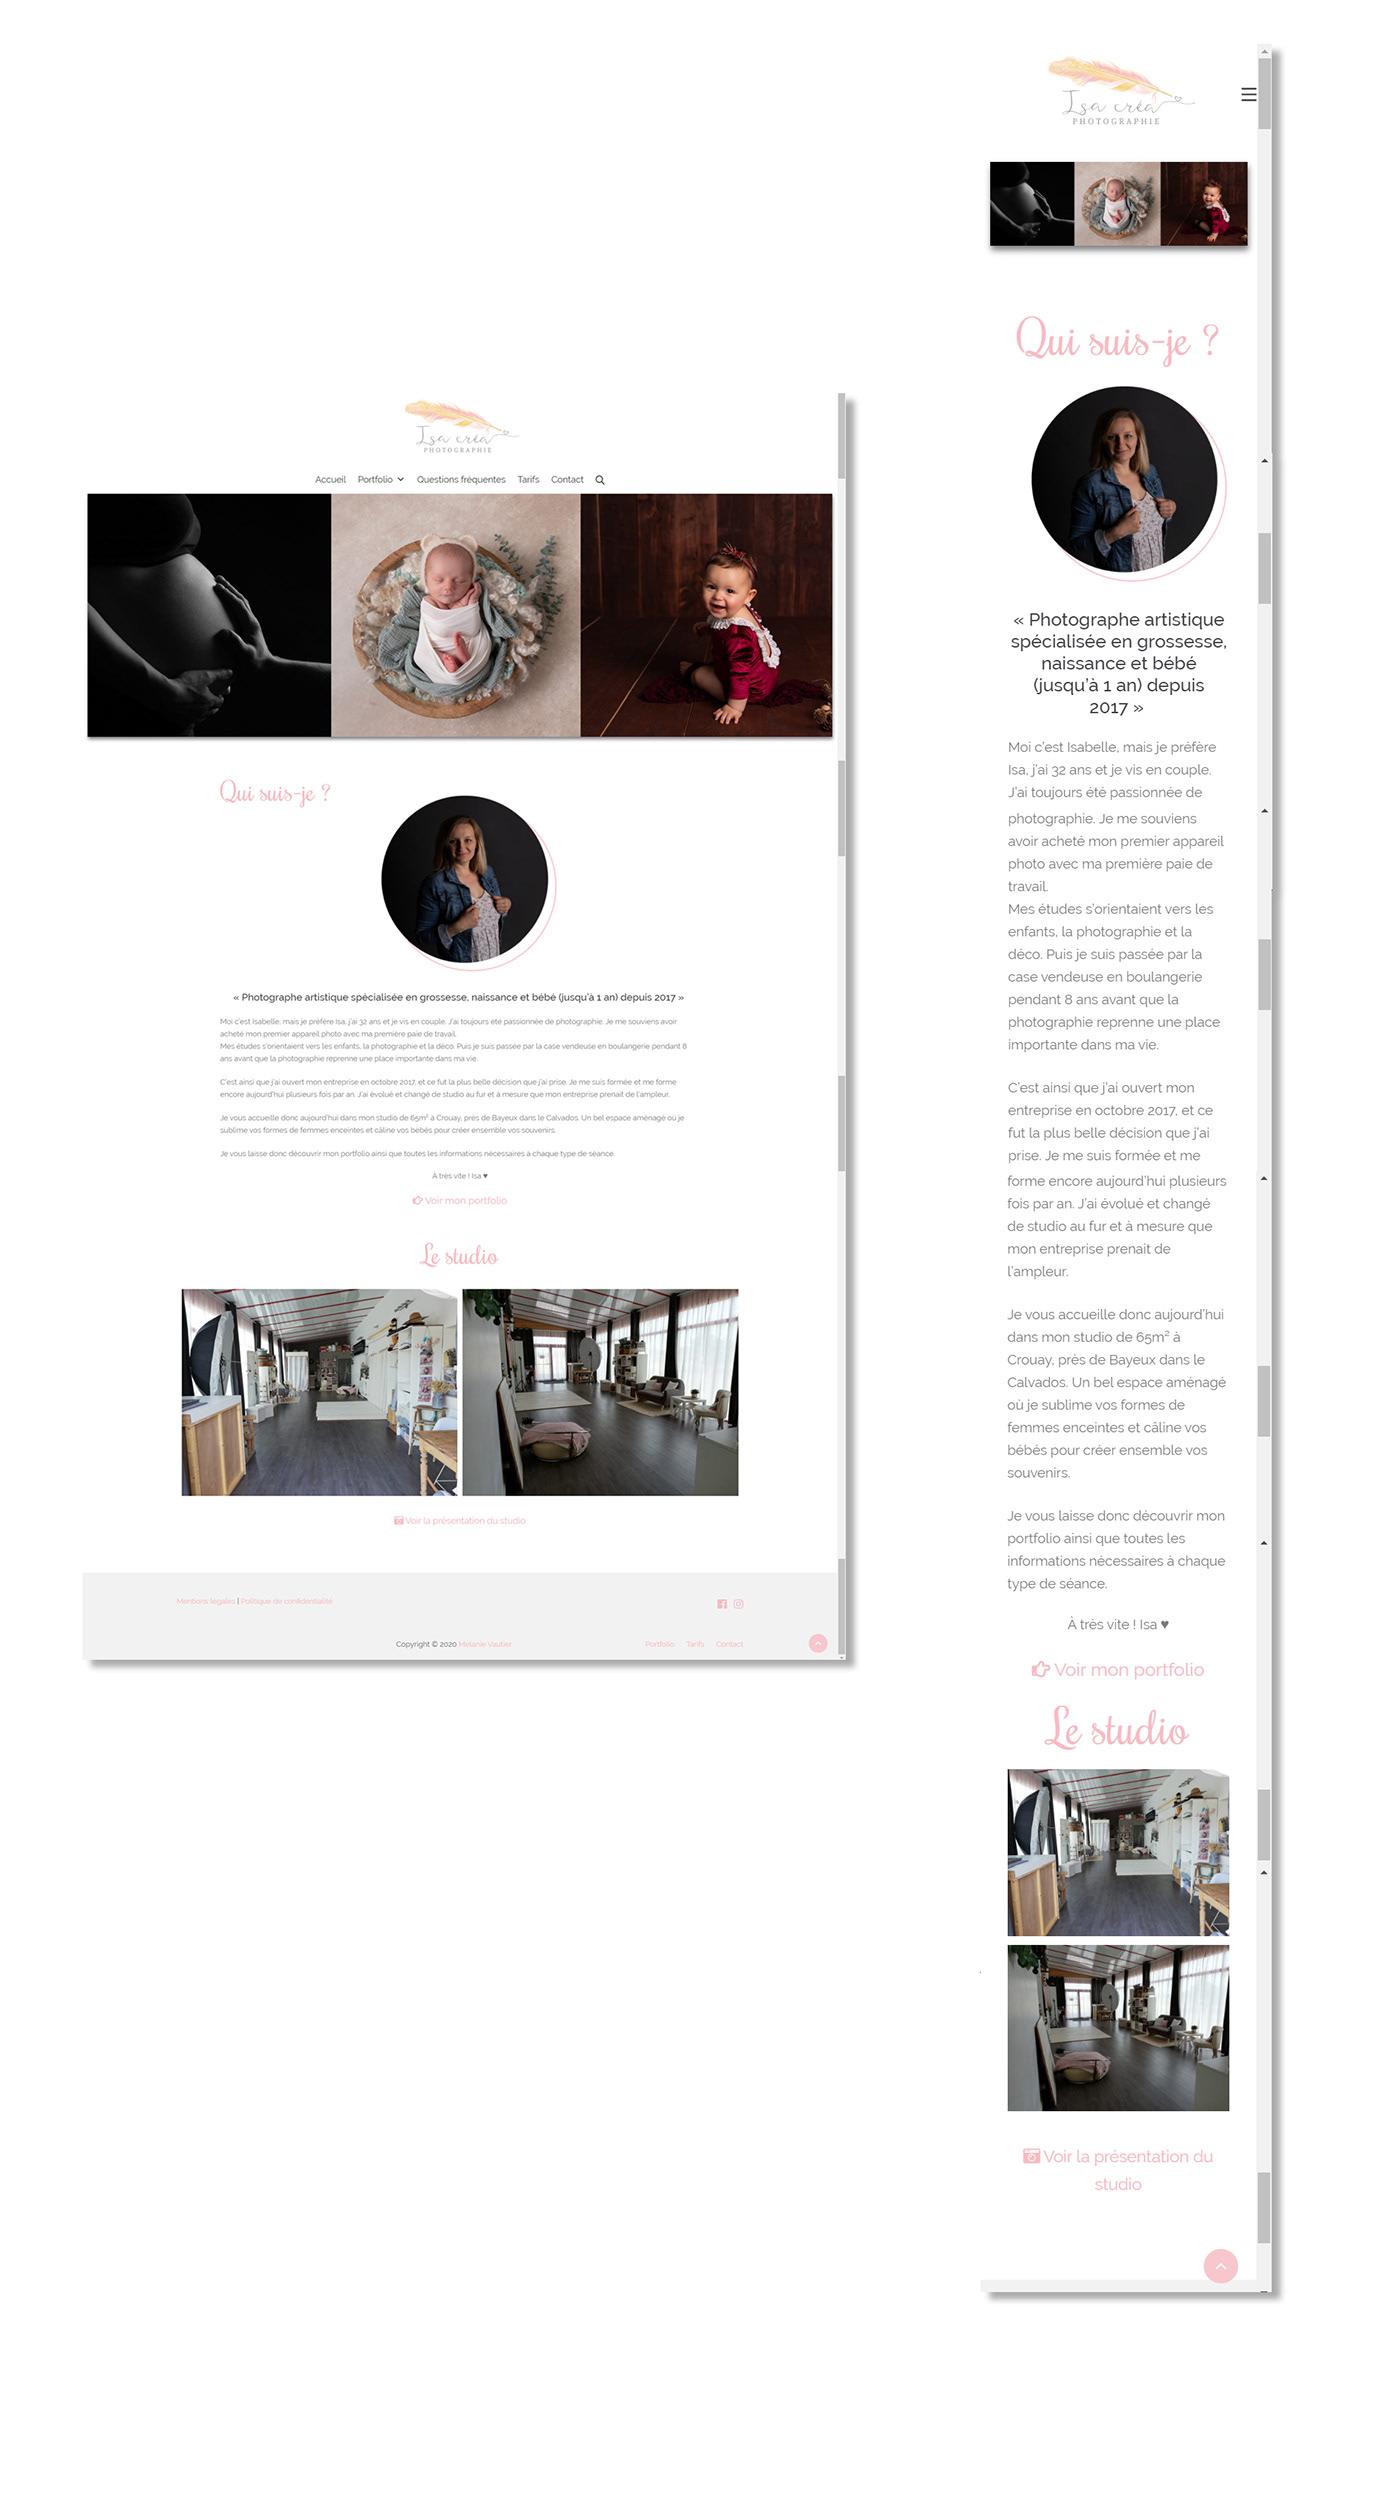 graphicdesign Webdesign wordpress